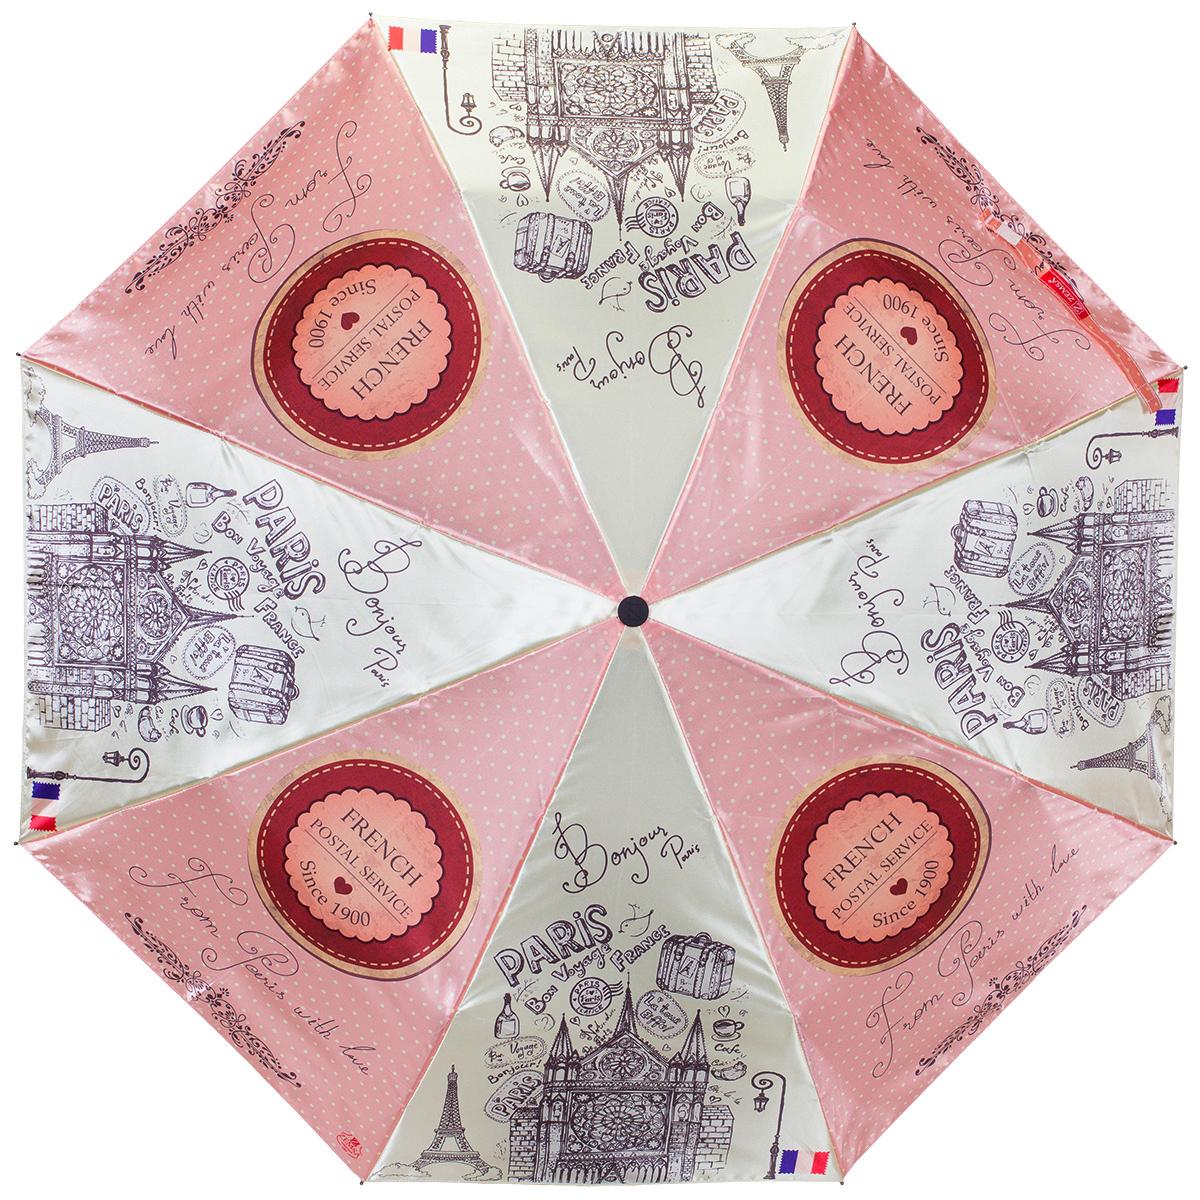 Зонт женский Zemsa Париж, автомат, 3 сложения. 12-011 ZM12-011 ZMСтильный автоматический зонт Zemsa Париж в 3 сложения станет великолепным аксессуаром и защитит свою хозяйку от непогоды, не теряя своих функциональных характеристик и визуальной привлекательности в течение всего срока эксплуатации. Каркас зонта, выполненный из стали, состоит из восьми спиц и оснащен удобной рукояткой. Зонт имеет полный автоматический механизм сложения: купол открывается и закрывается нажатием кнопки на рукоятке, стержень складывается вручную до характерного щелчка, благодаря чему открыть и закрыть зонт можно одной рукой, что чрезвычайно удобно при входе в транспорт или помещение. Купол зонта выполнен из сатина и оформлен французской тематикой. На рукоятке для удобства есть небольшой шнурок, позволяющий надеть зонт на руку тогда, когда это будет необходимо. К зонту прилагается чехол.